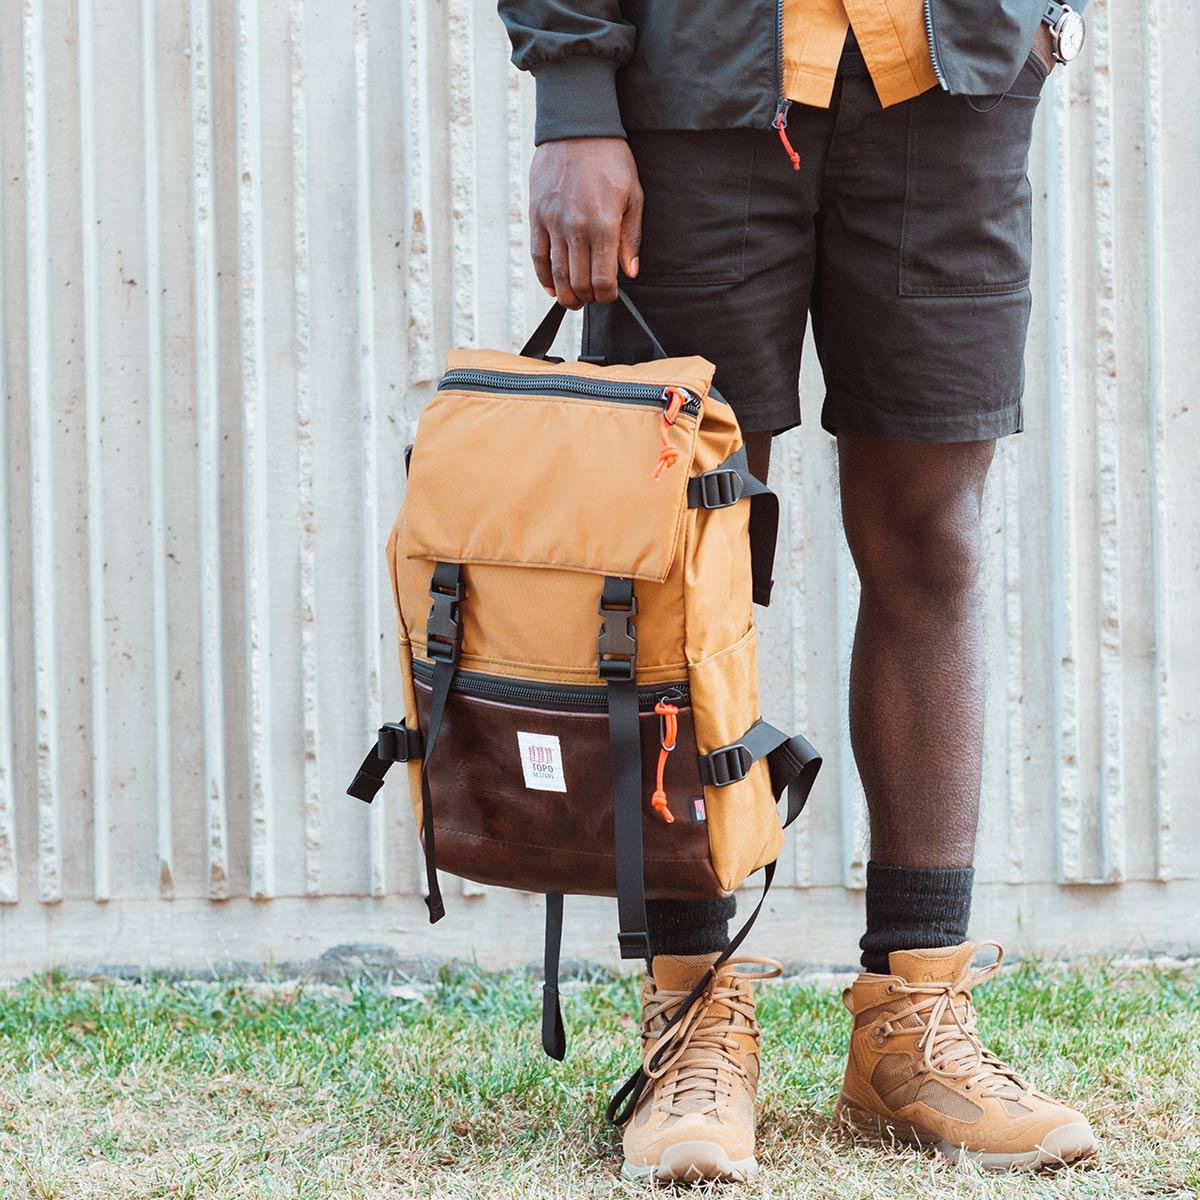 Topo Designs Rover Pack Heritage Duck Brown/Dark Brown Leather,  iconische rugzak voor man en vrouw